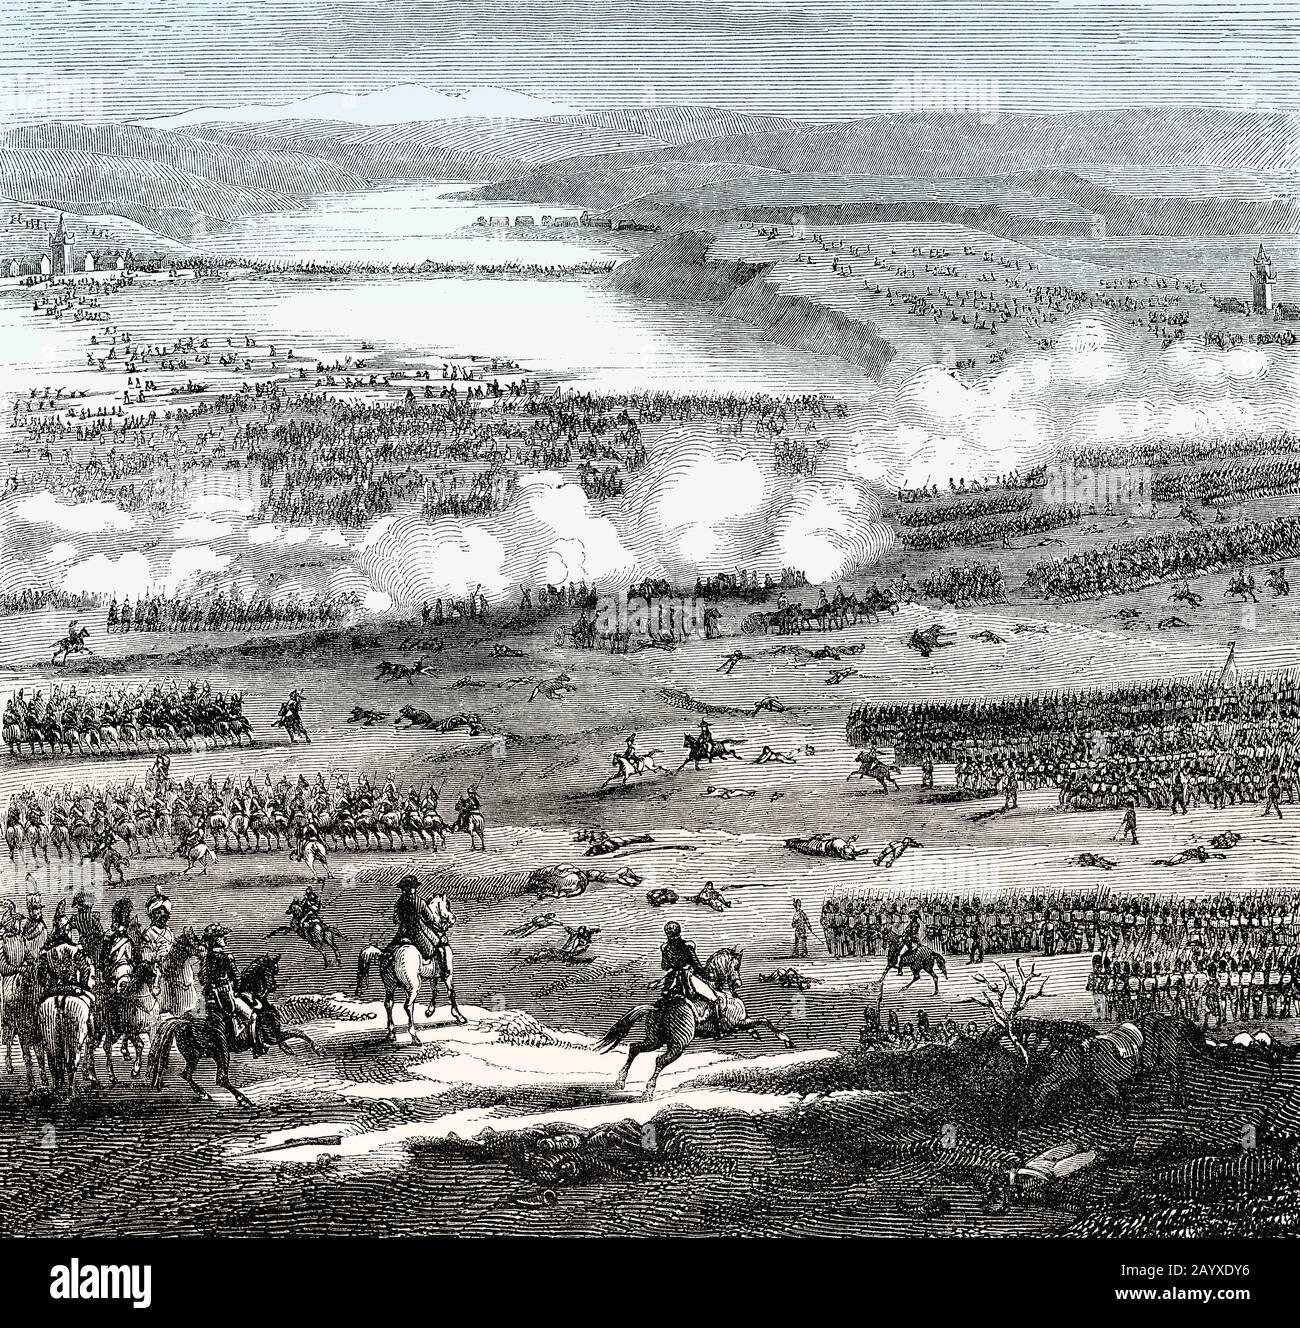 La Batalla De Austerlitz El 2 De Diciembre De 1805, Guerras Napoleónicas Foto de stock